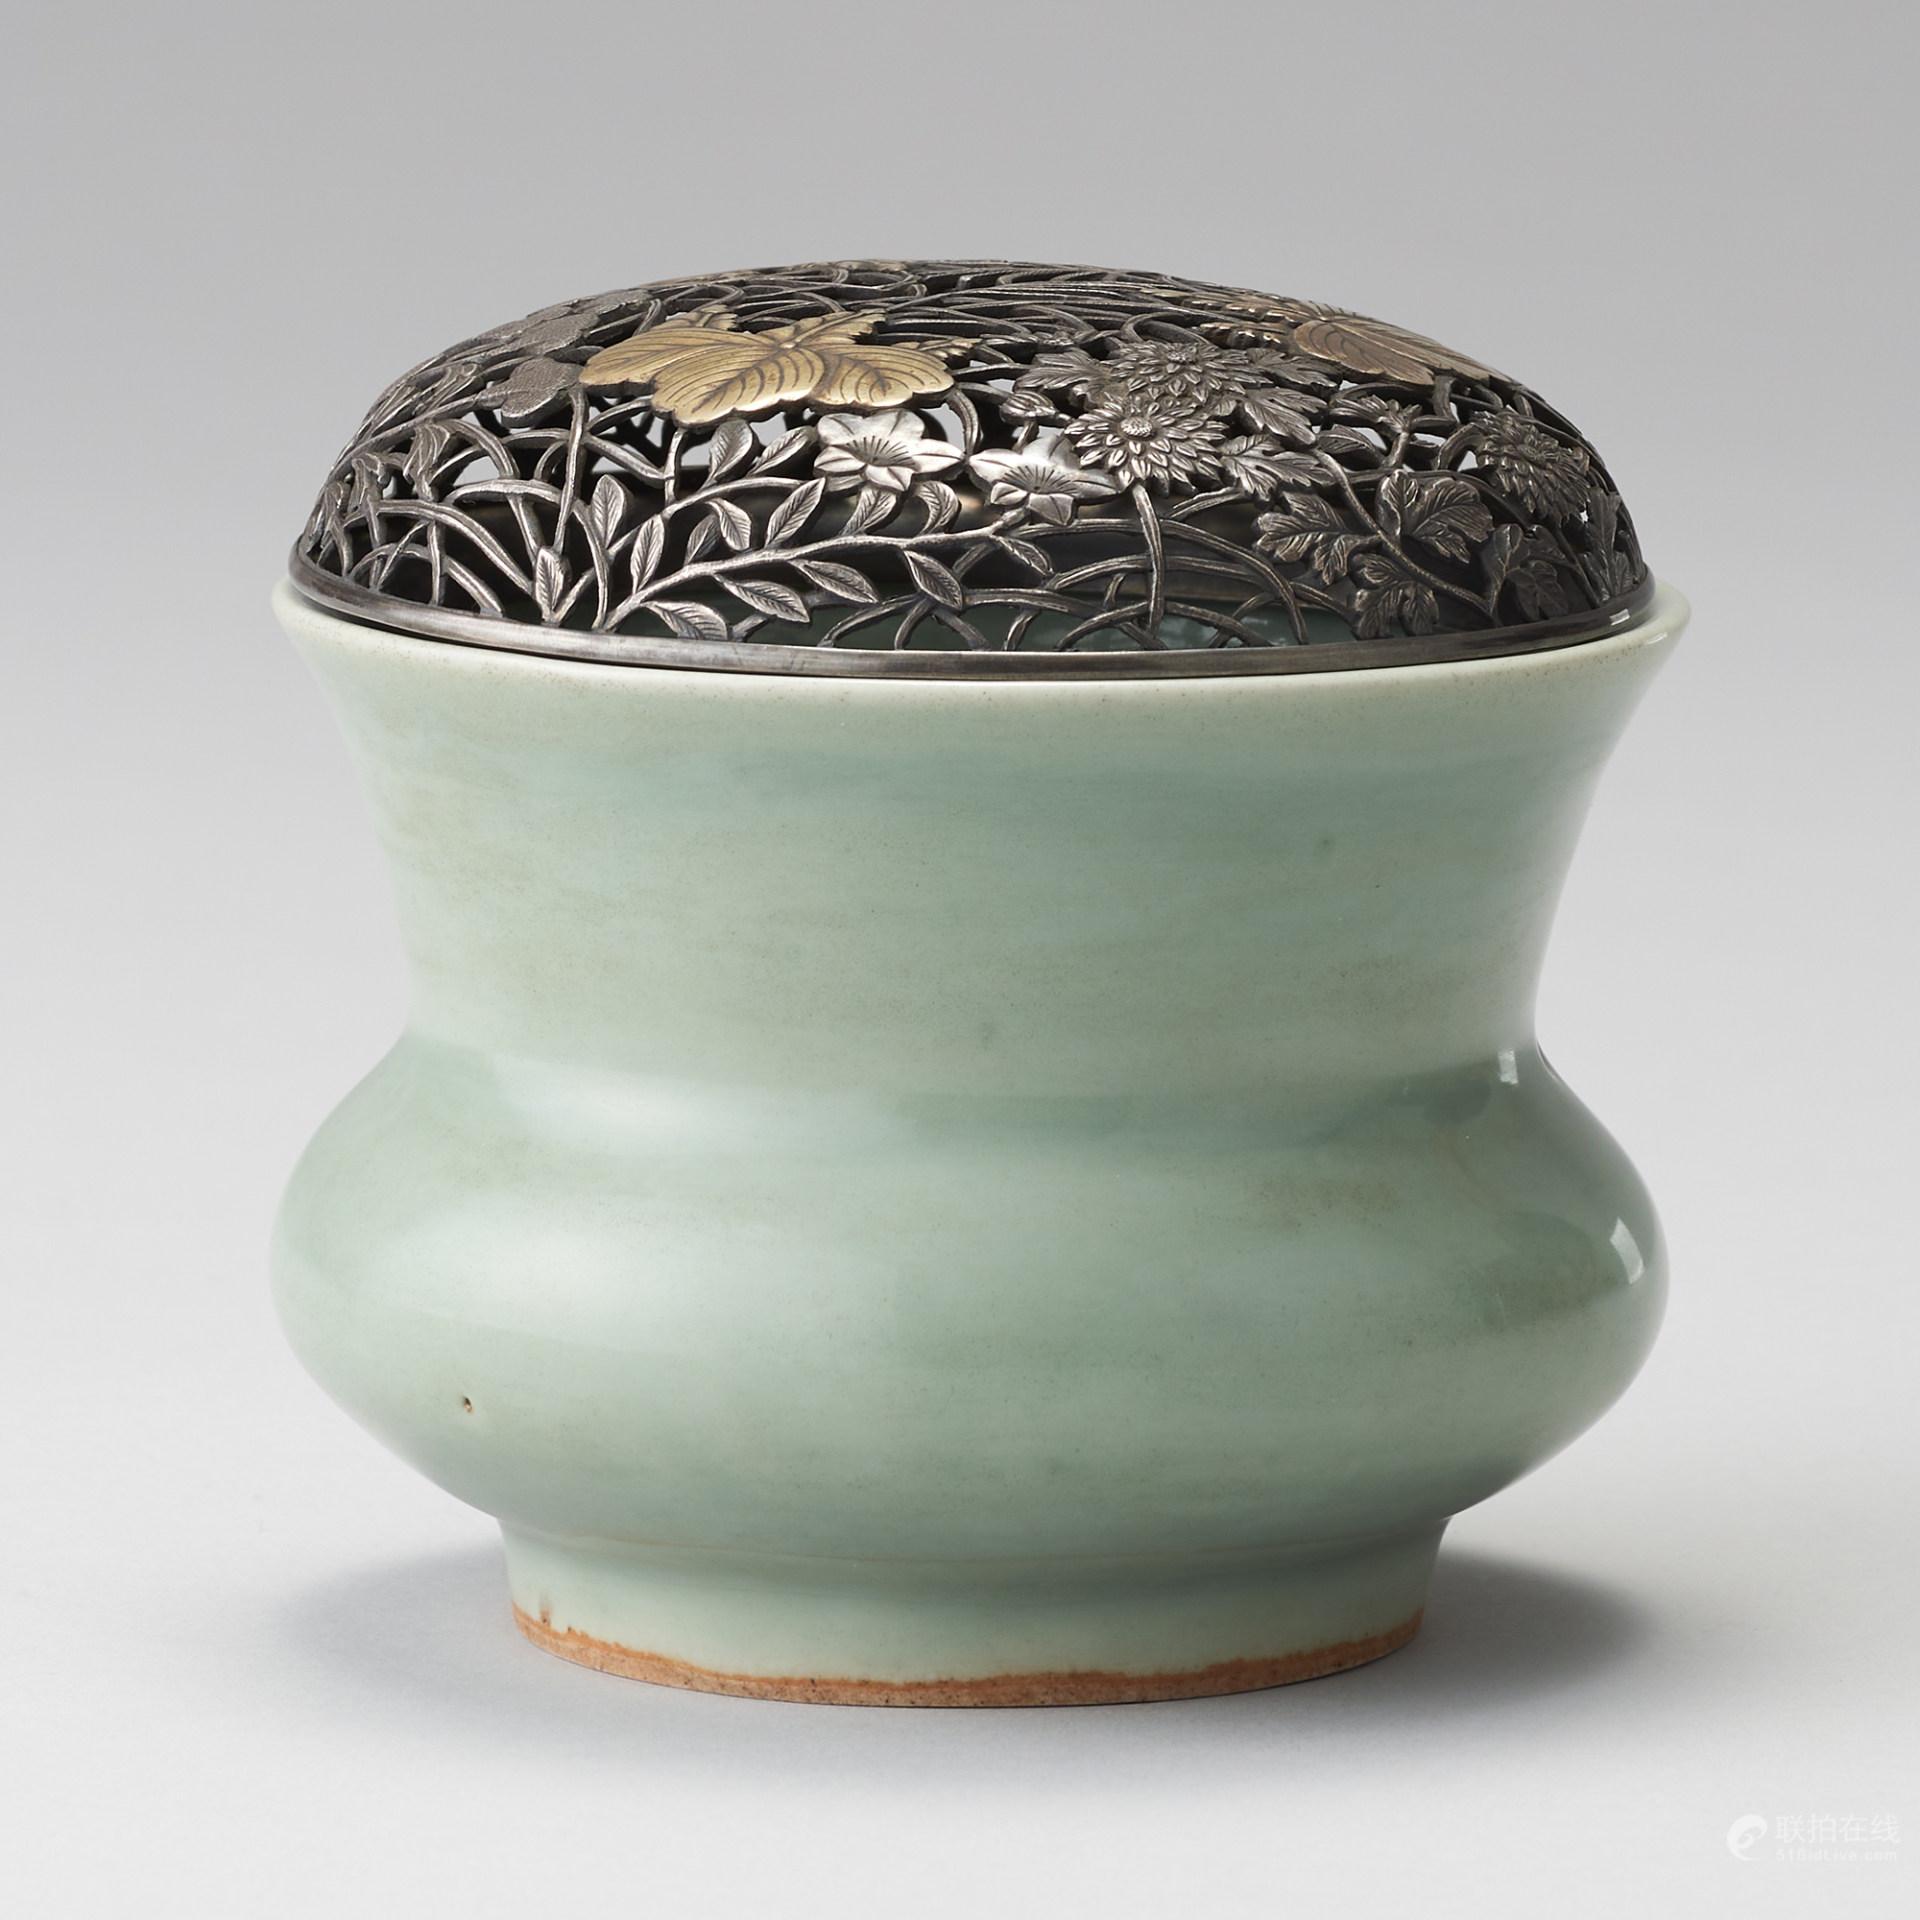 龍泉窯 南宋风格 配銀鎏金鏤雕蓋 青瓷尊